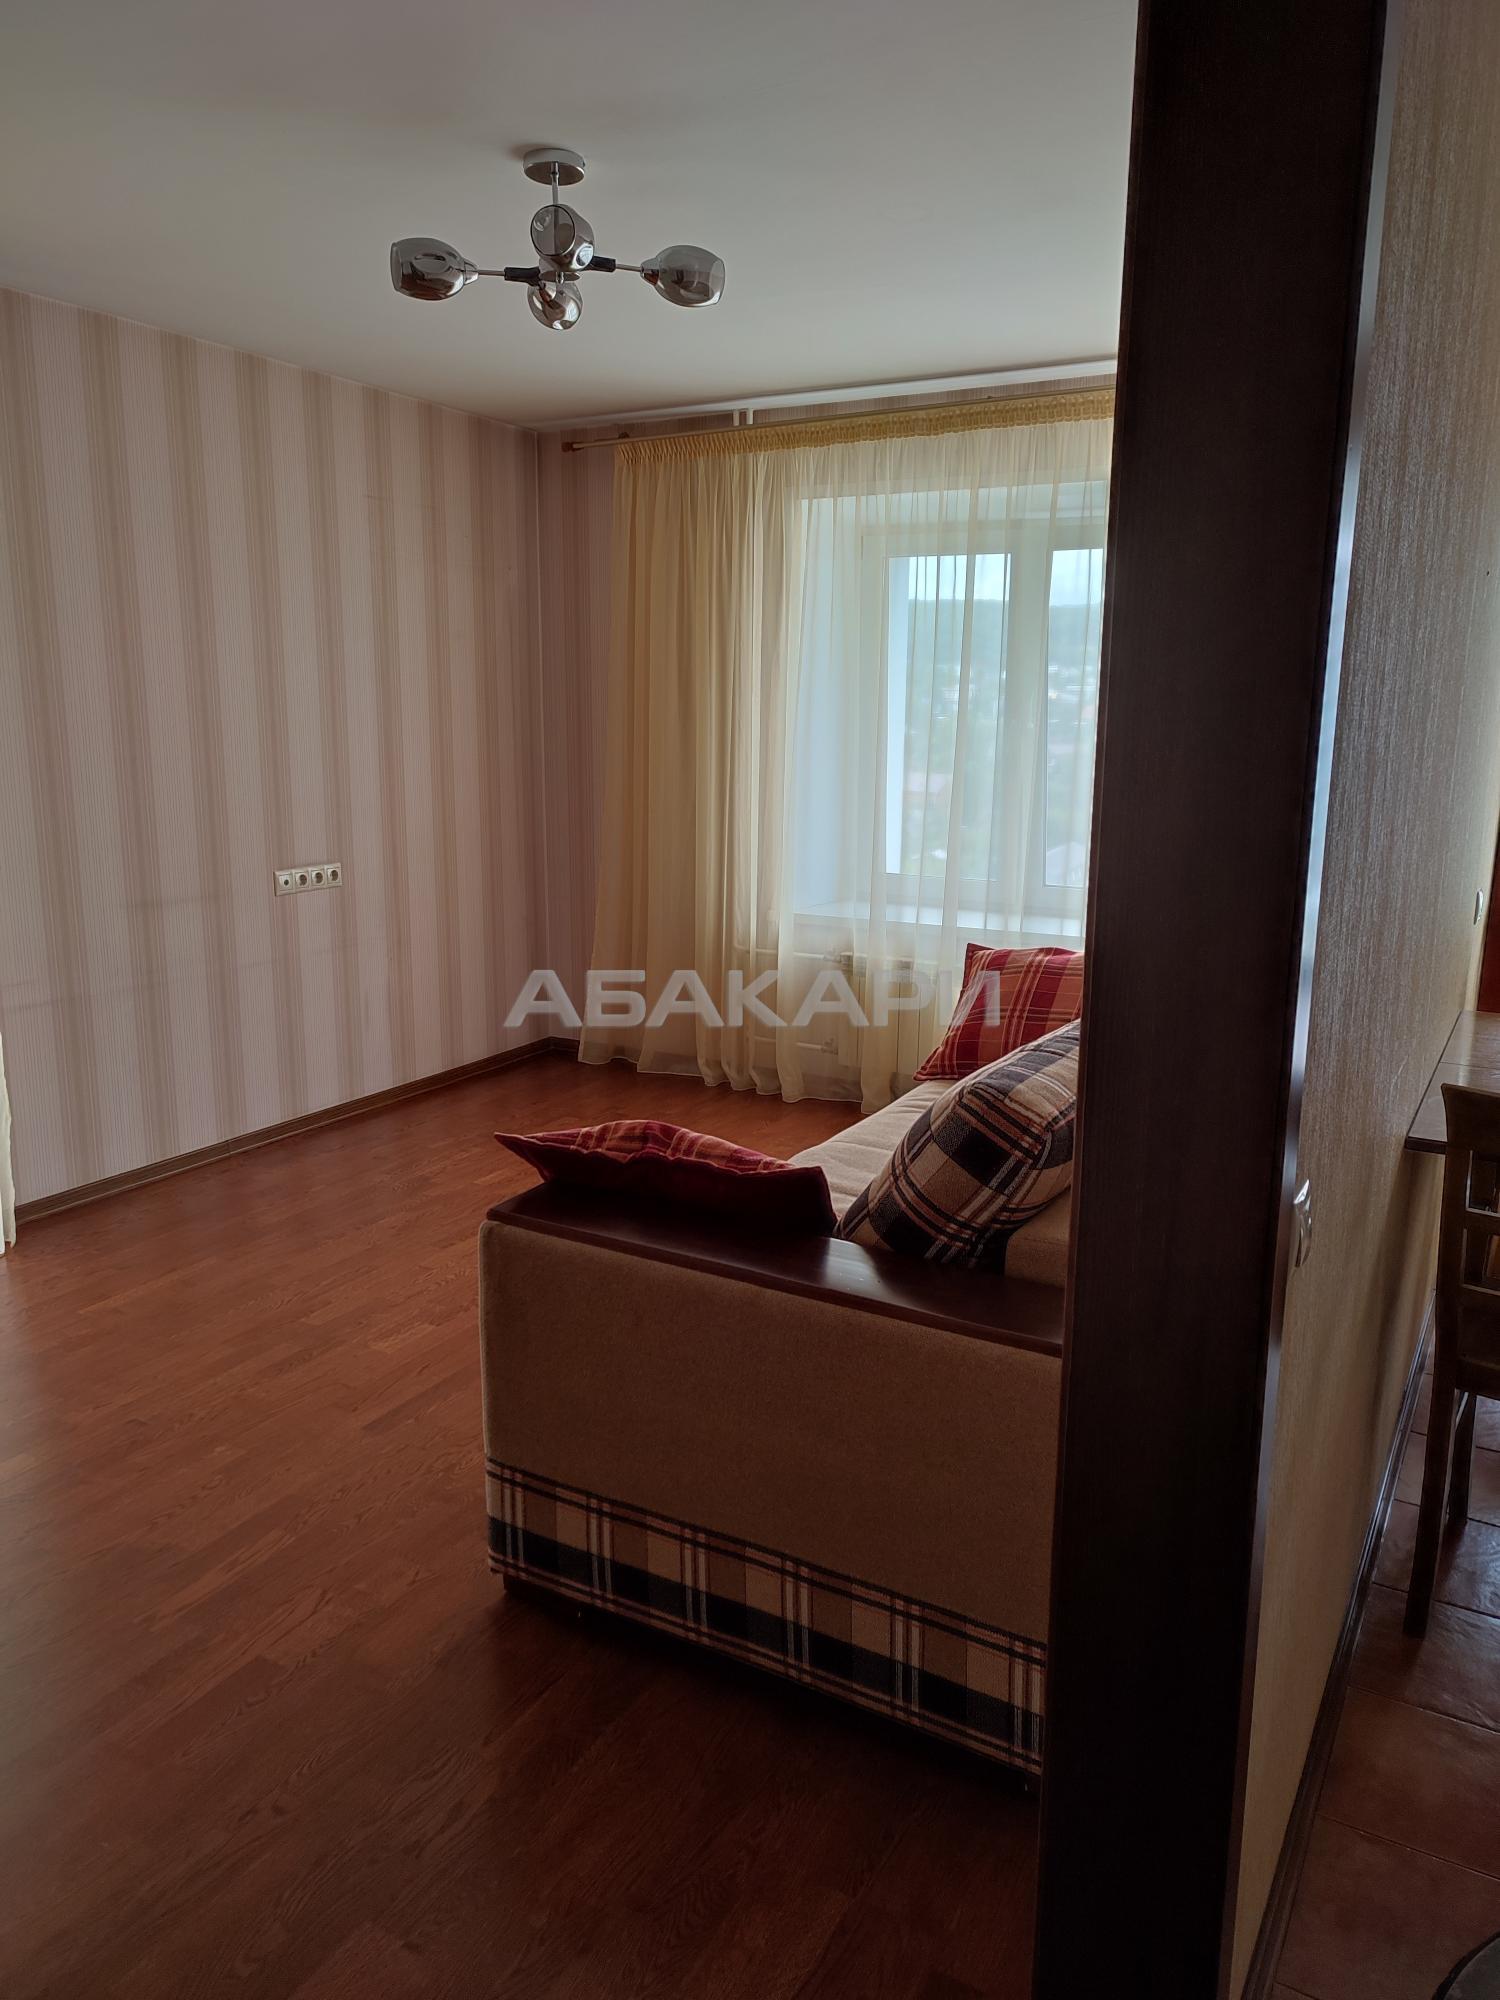 2к квартира улица Вильского, 16   30000   аренда в Красноярске фото 2